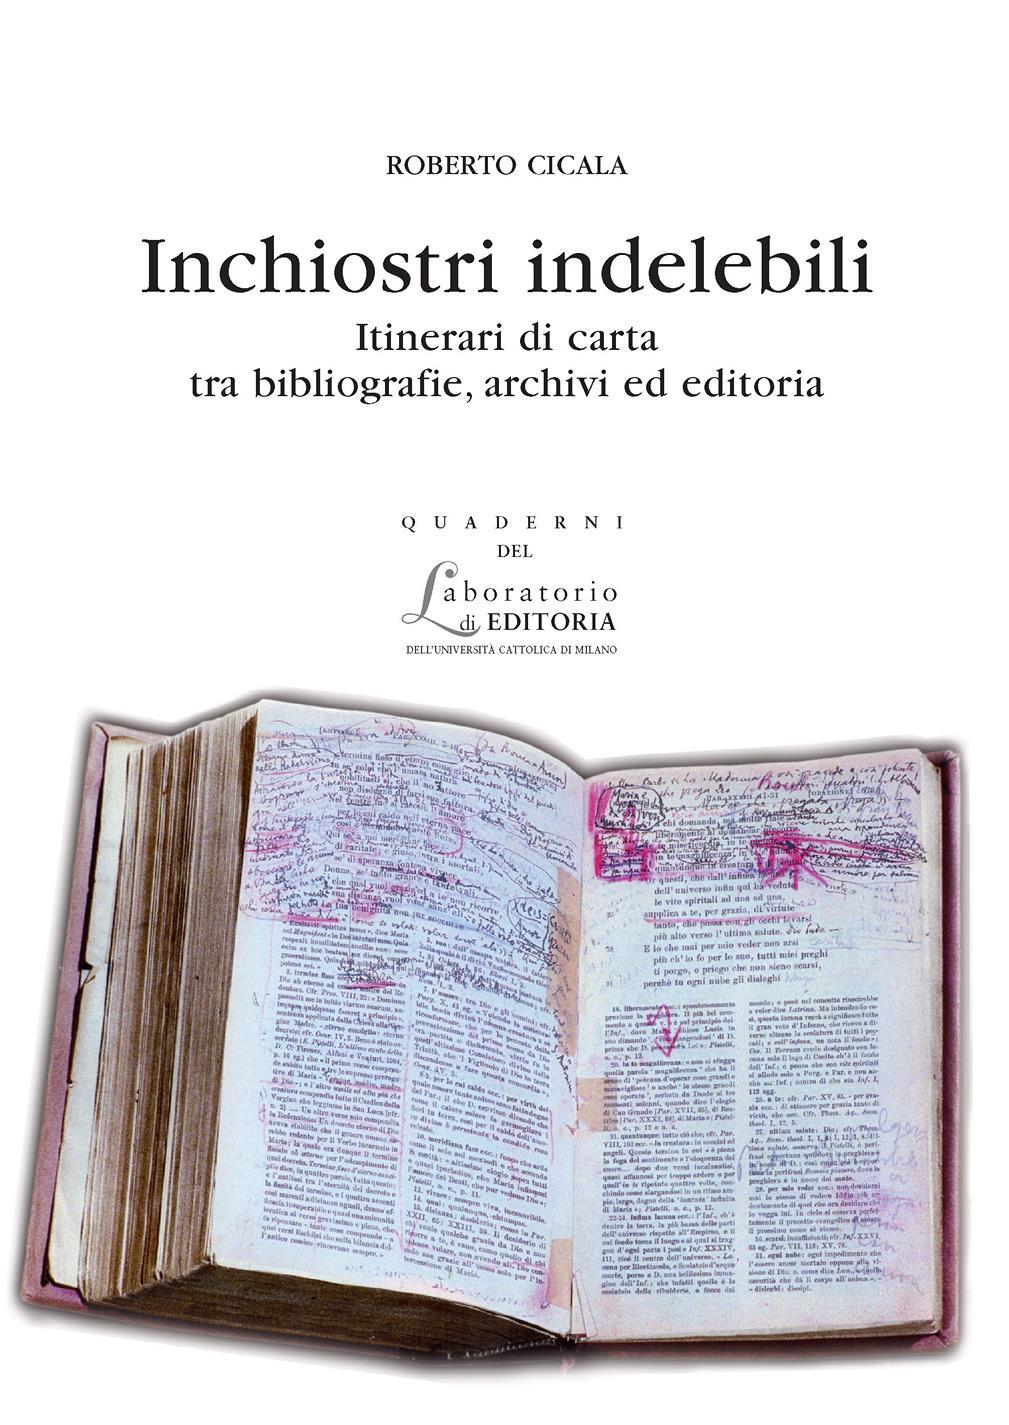 INCHIOSTRI INDELEBILI. ITINERARI DI CARTA TRA BIBLIOGRAFIE, ARCHIVI... QUADERNI QUALE 14